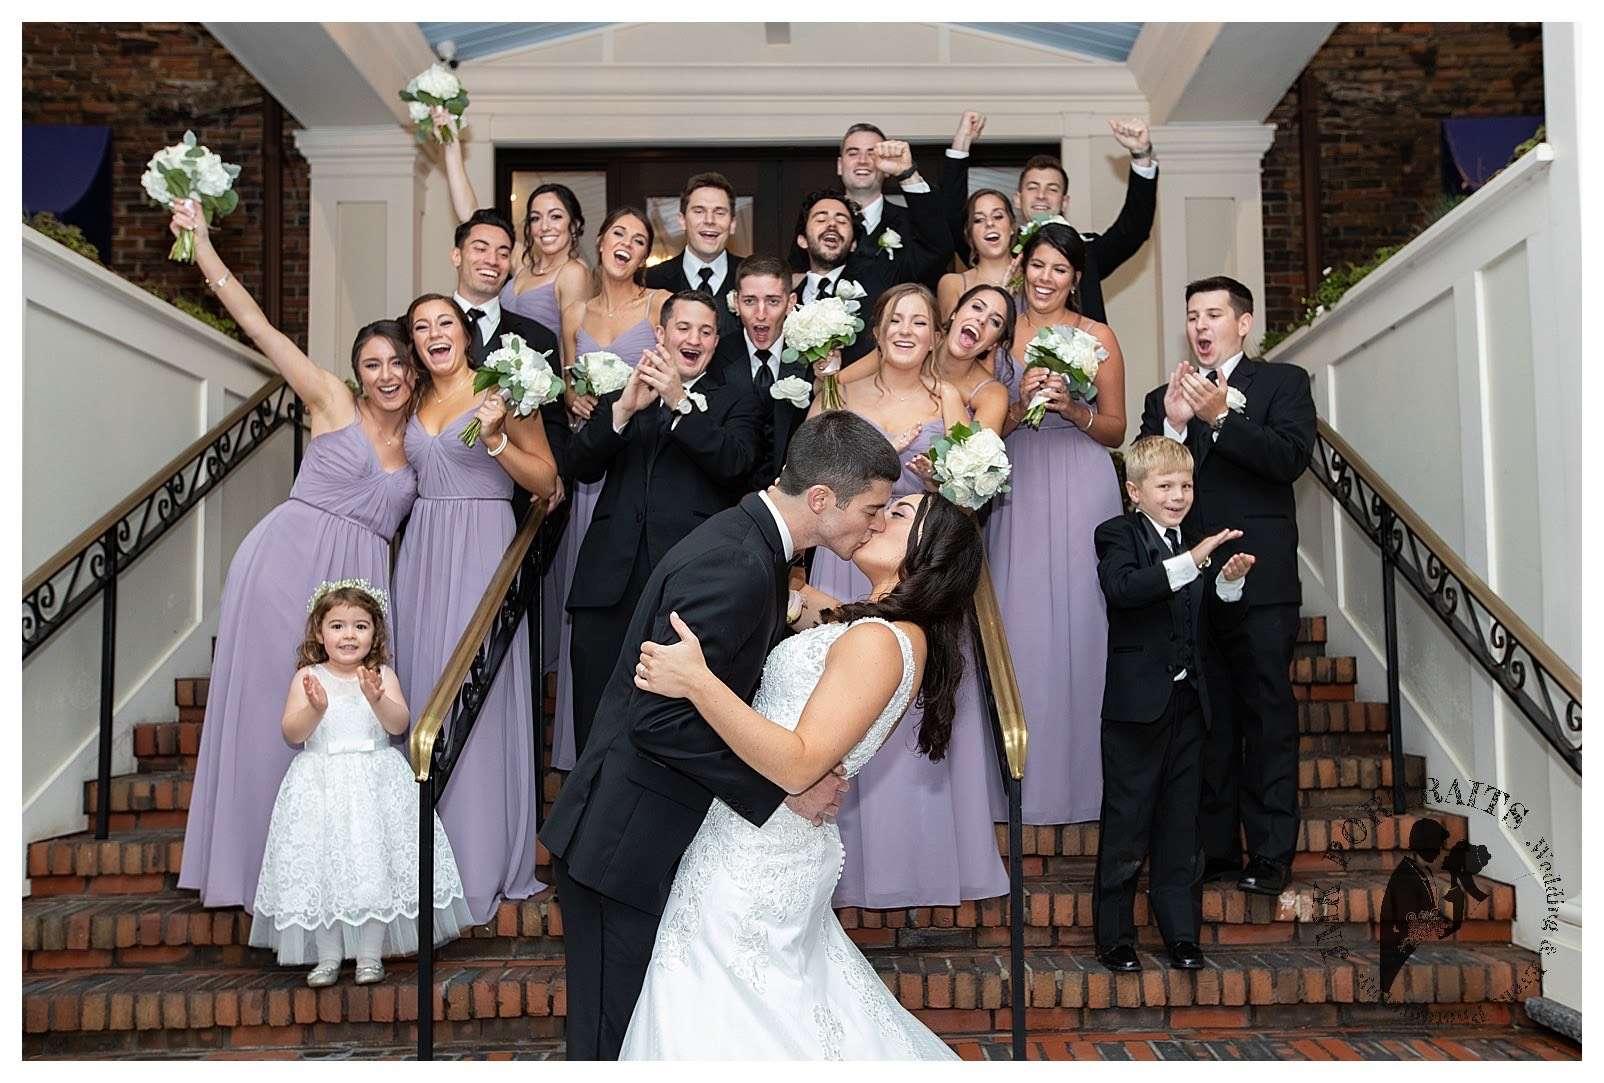 Xanthi bride